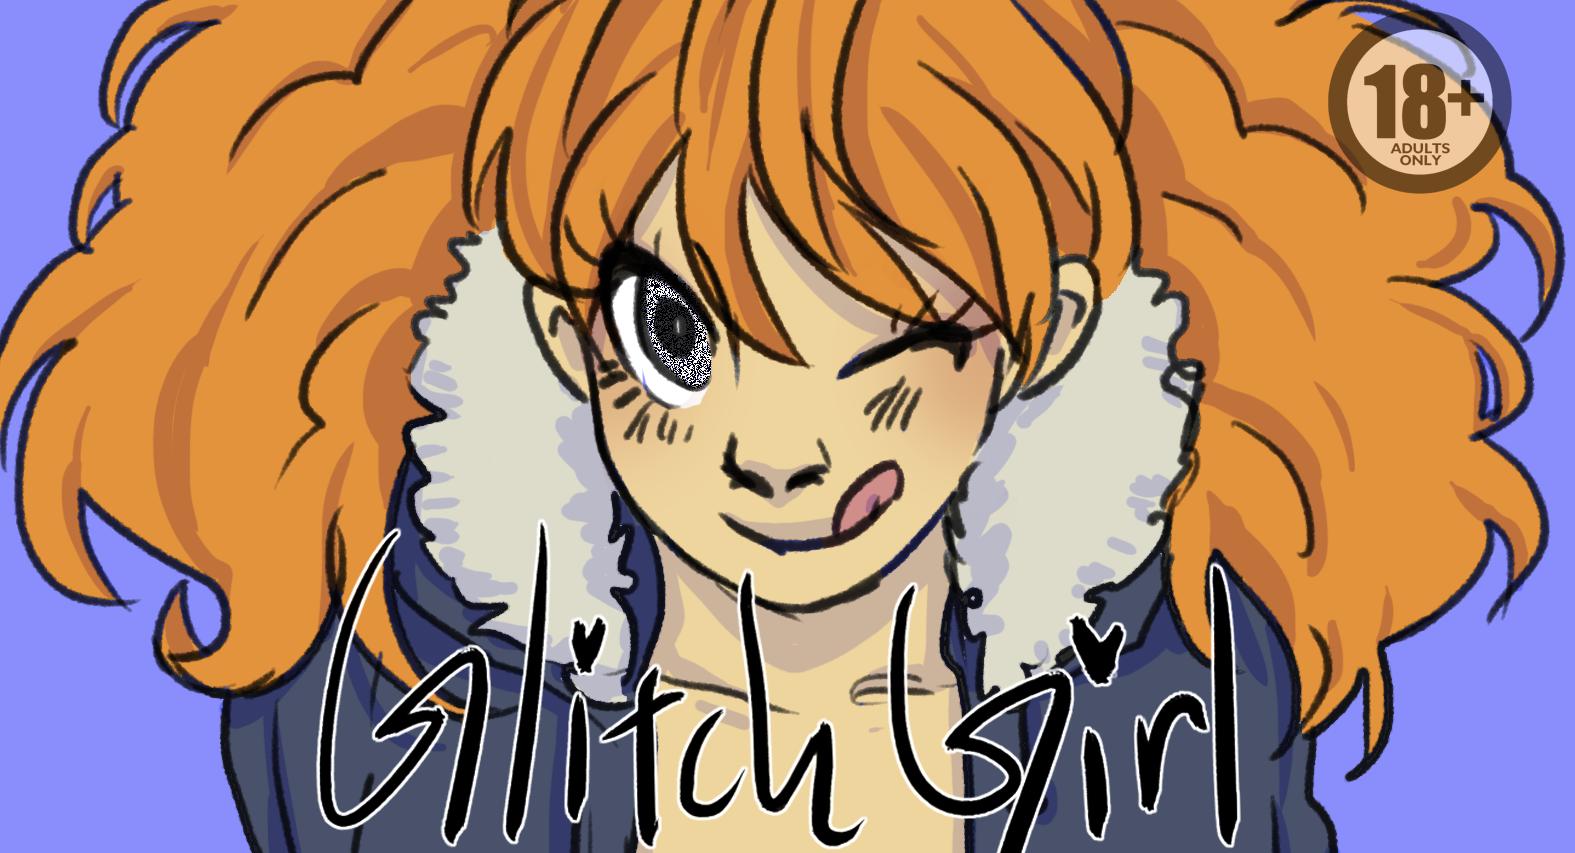 Glitch Girl